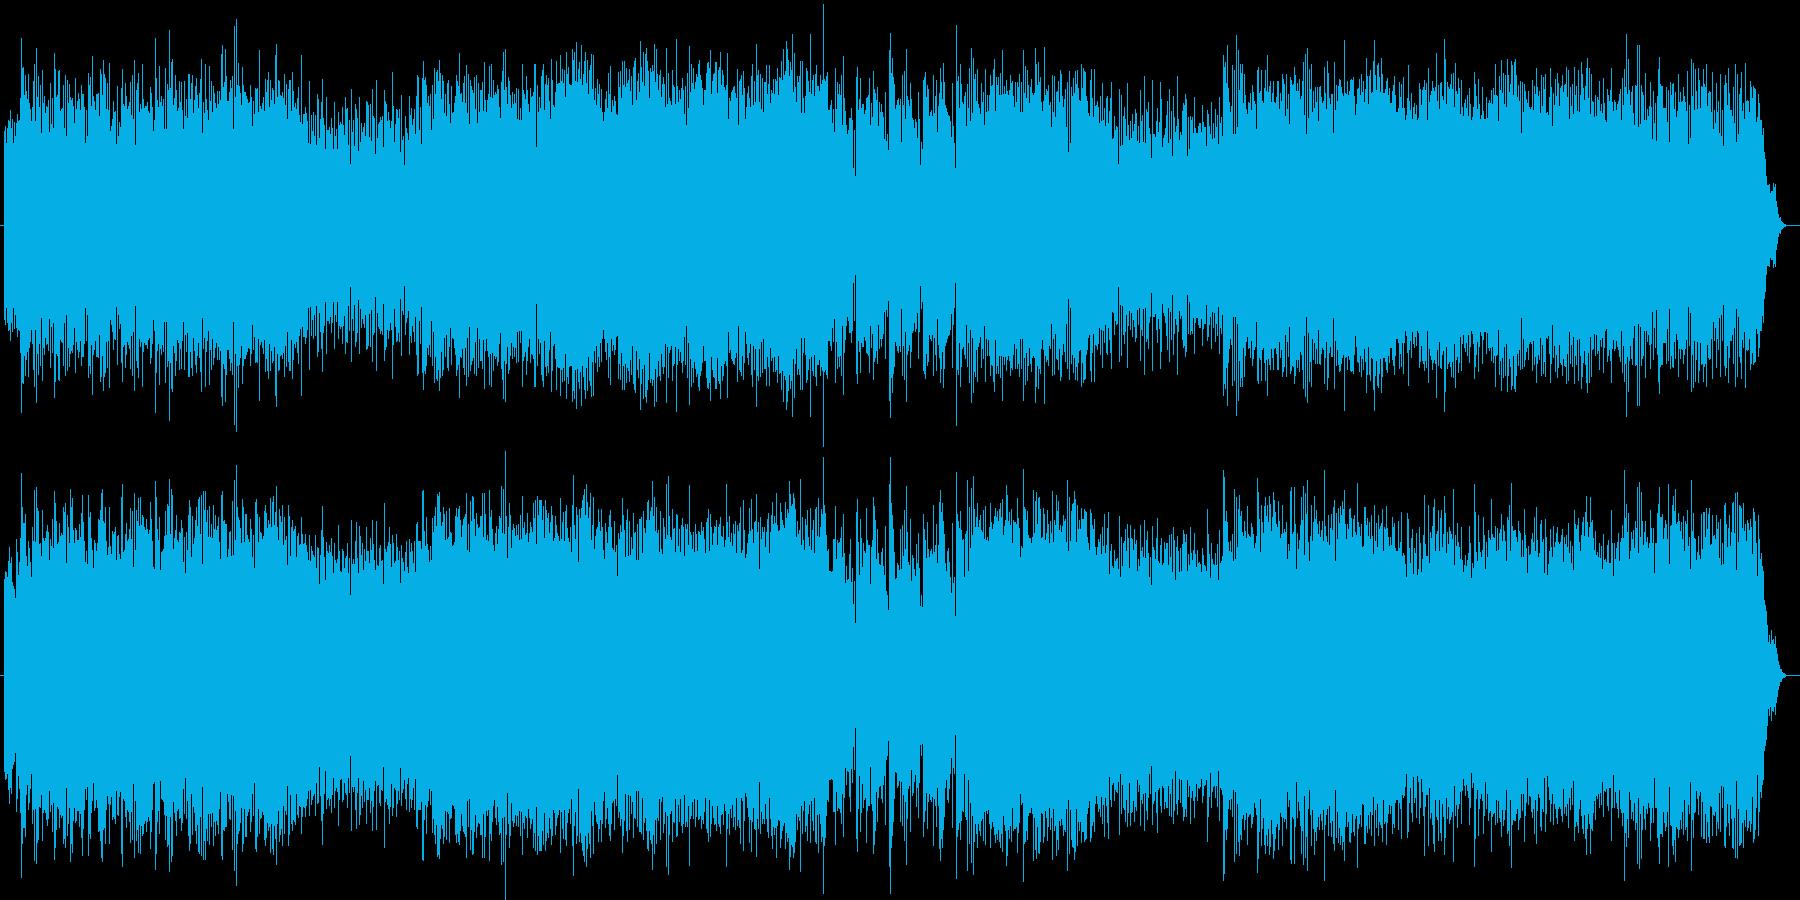 華麗でサスペンスフルなポップスの再生済みの波形